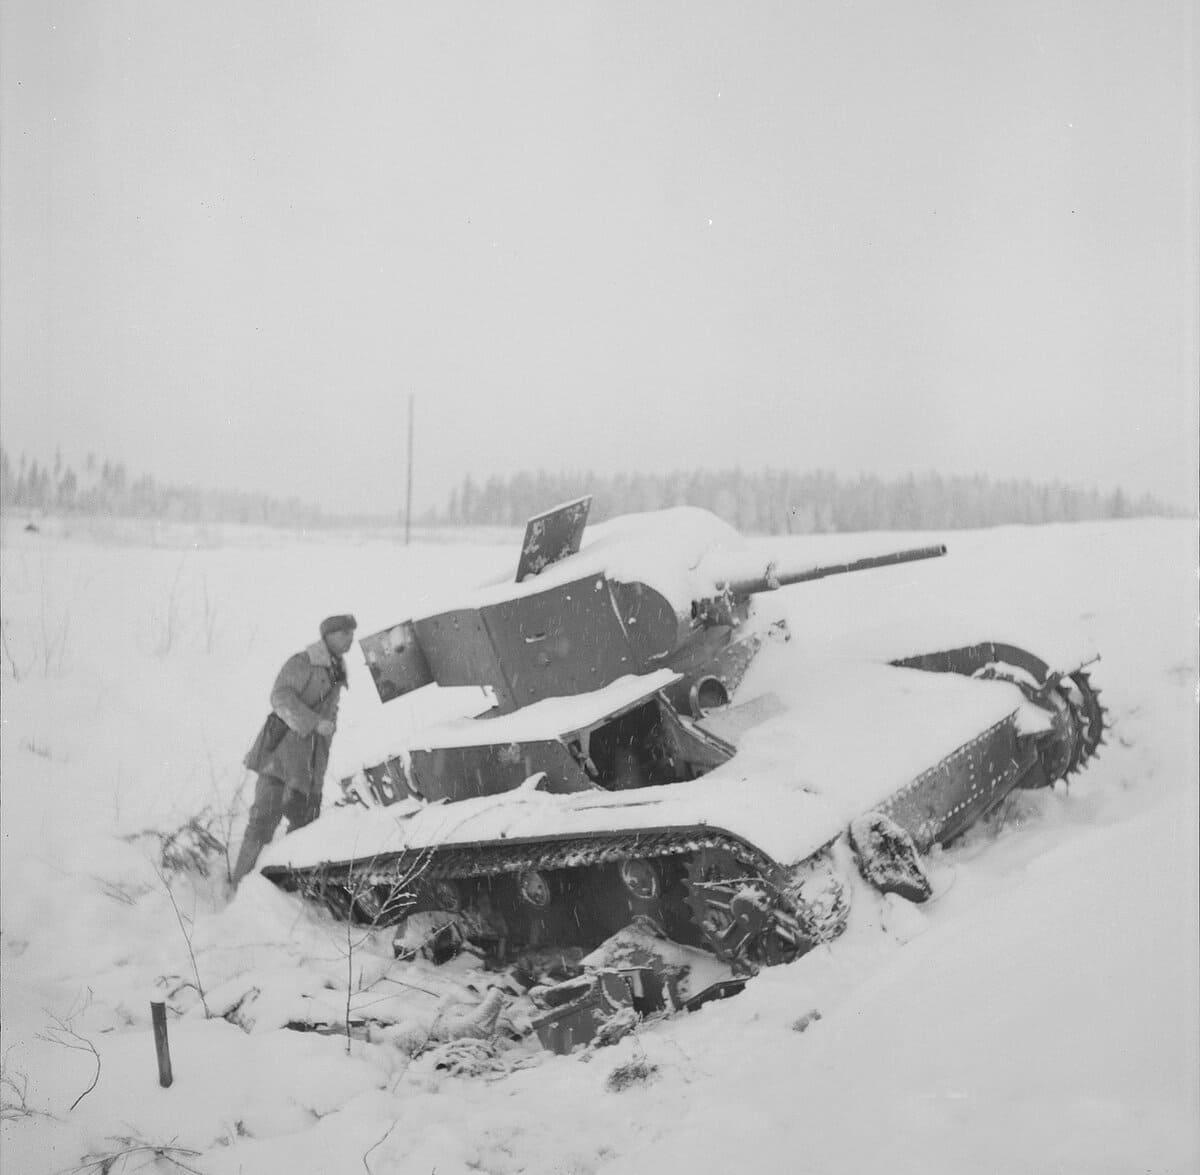 В финскую компанию бригада понесла потери